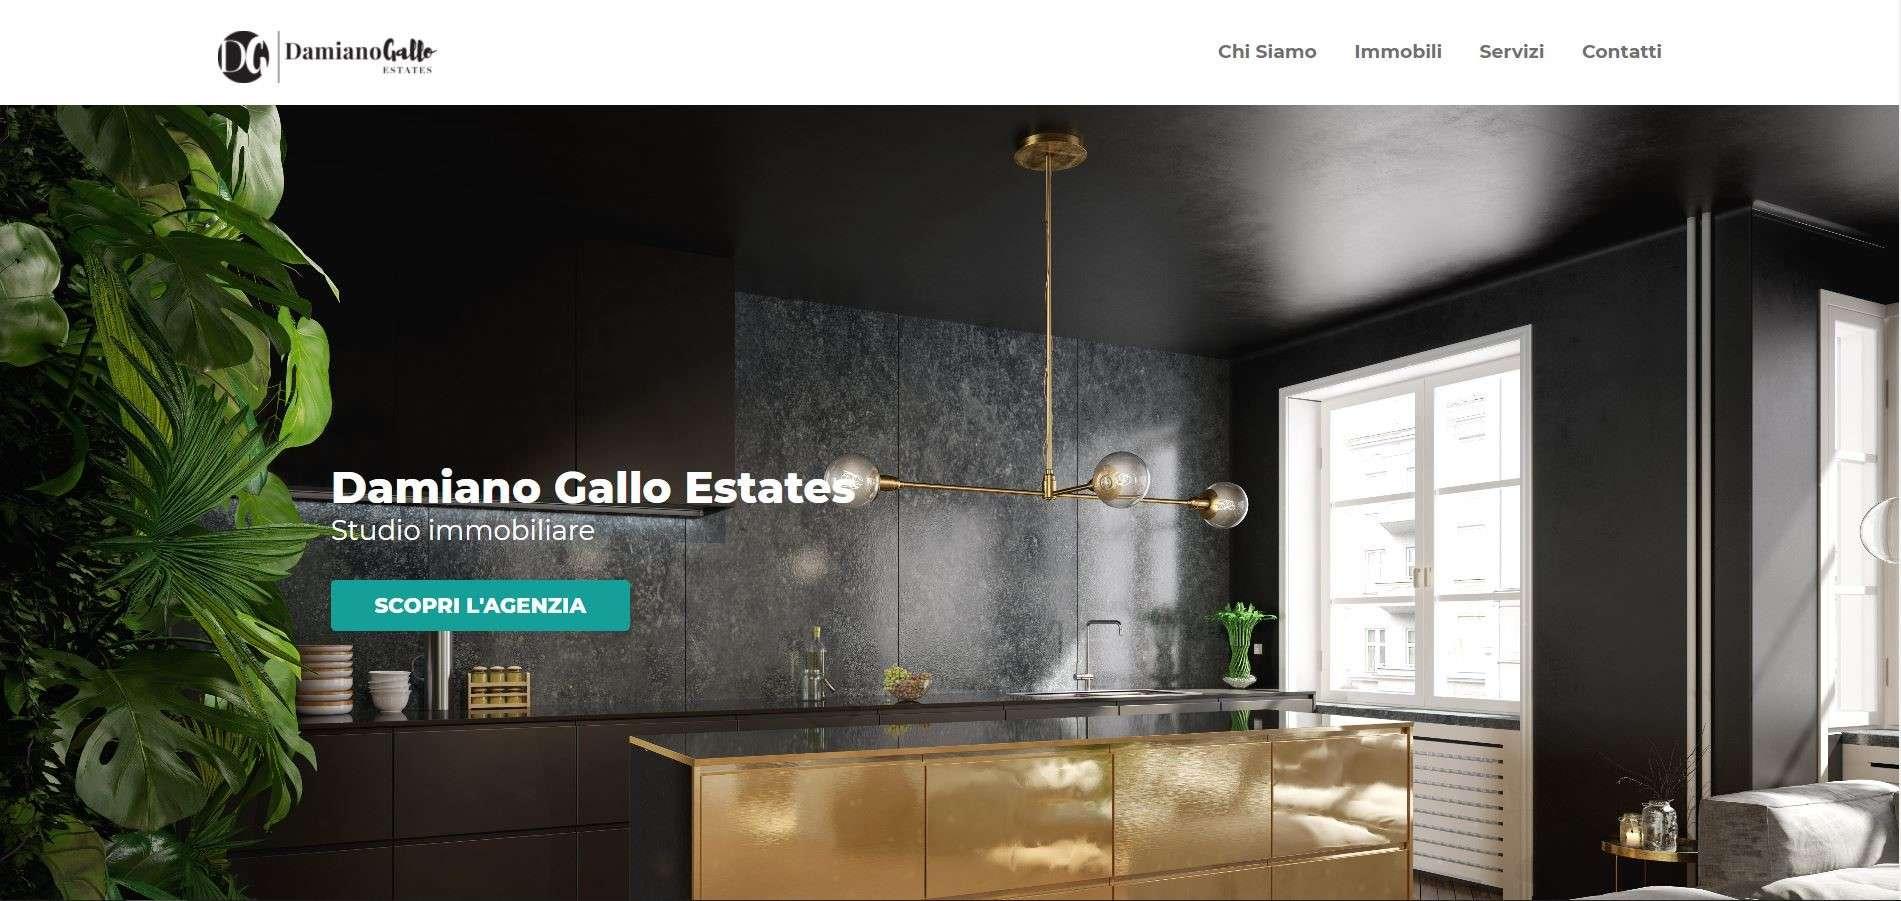 Damiano Gallo Estates